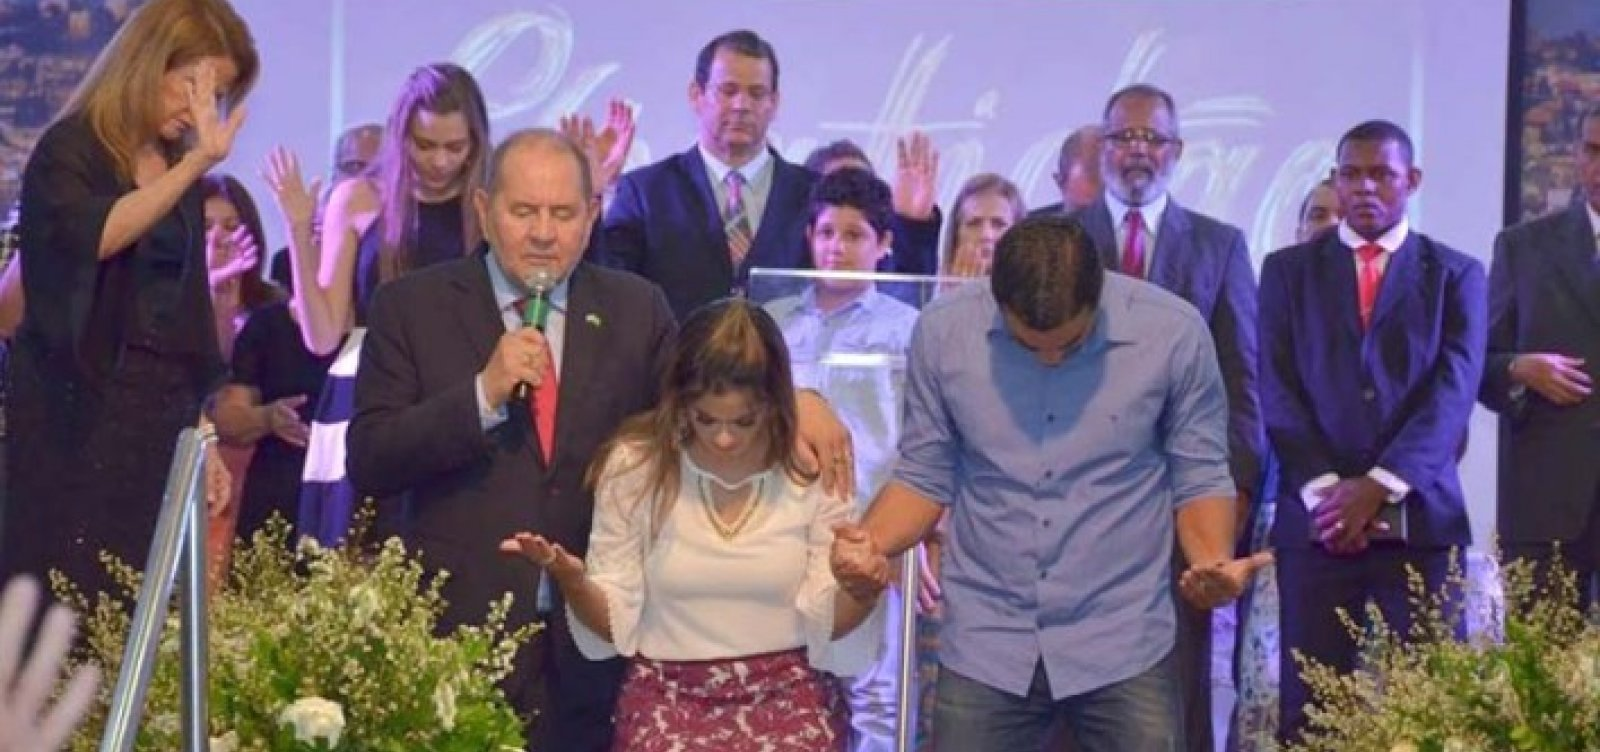 [Vereadora pede regulamentação de cultos online em Salvador]